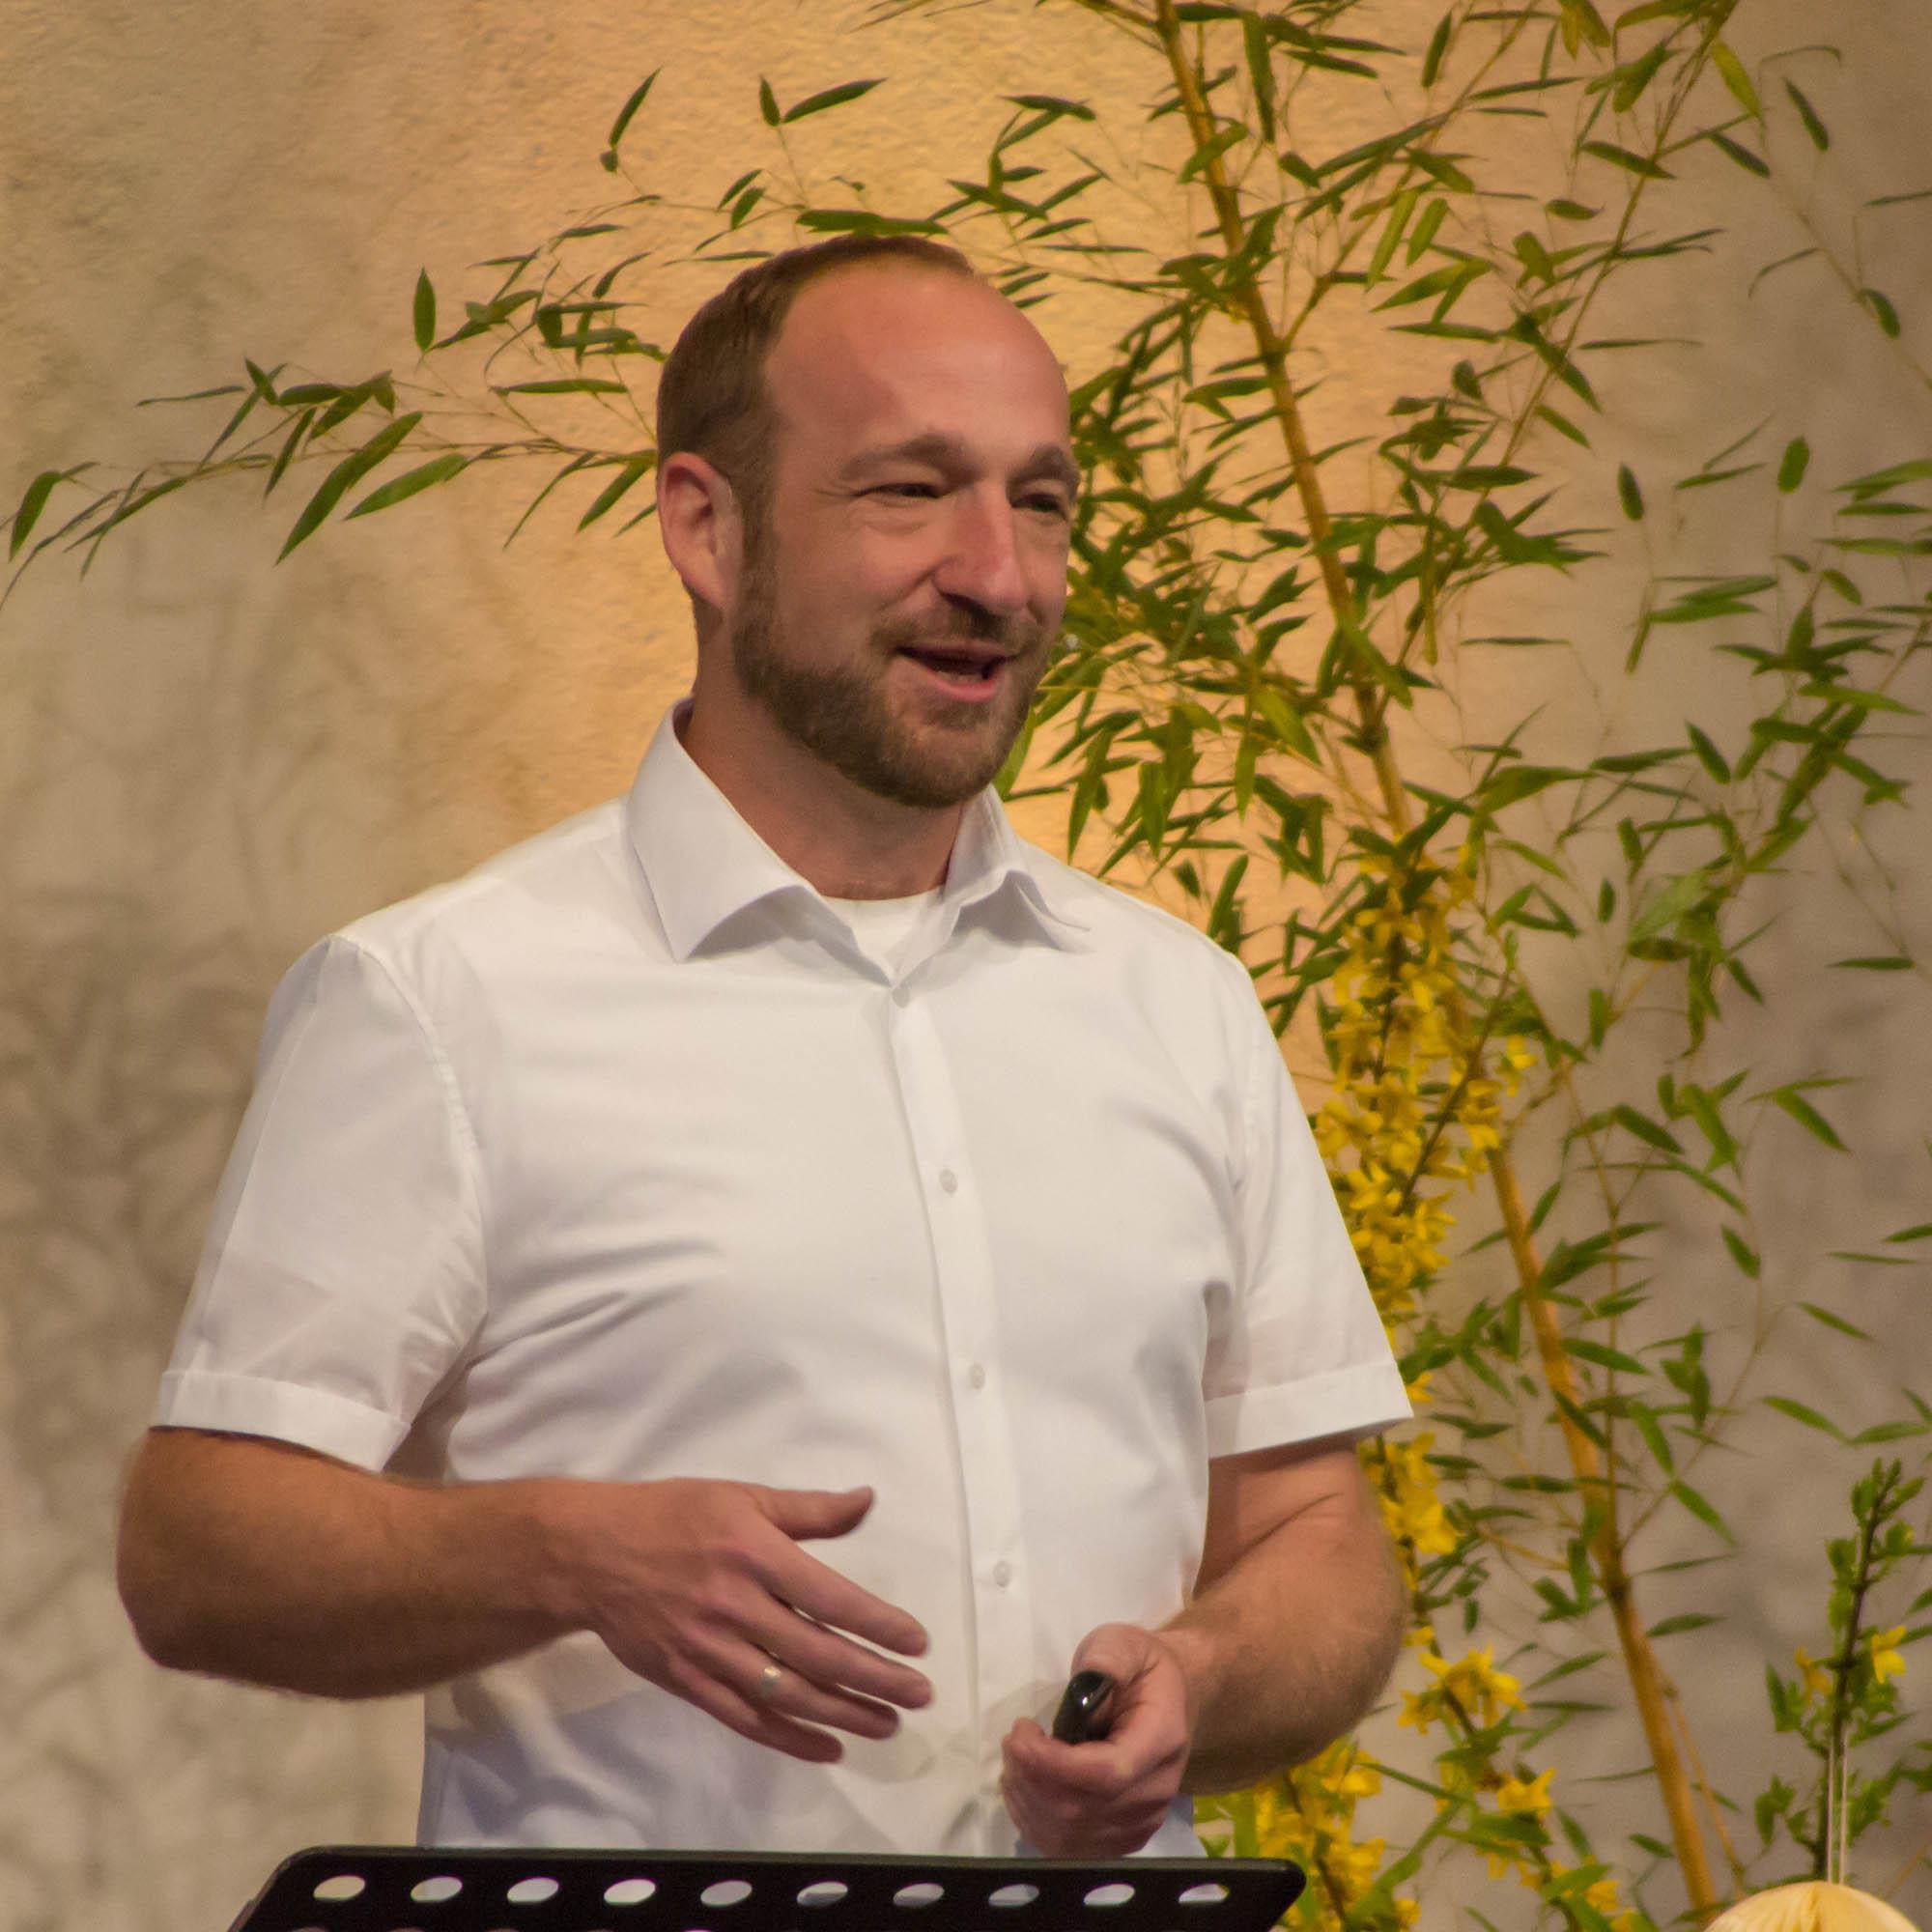 Daniel Plessing, Paster der Kirche Lindenwiese